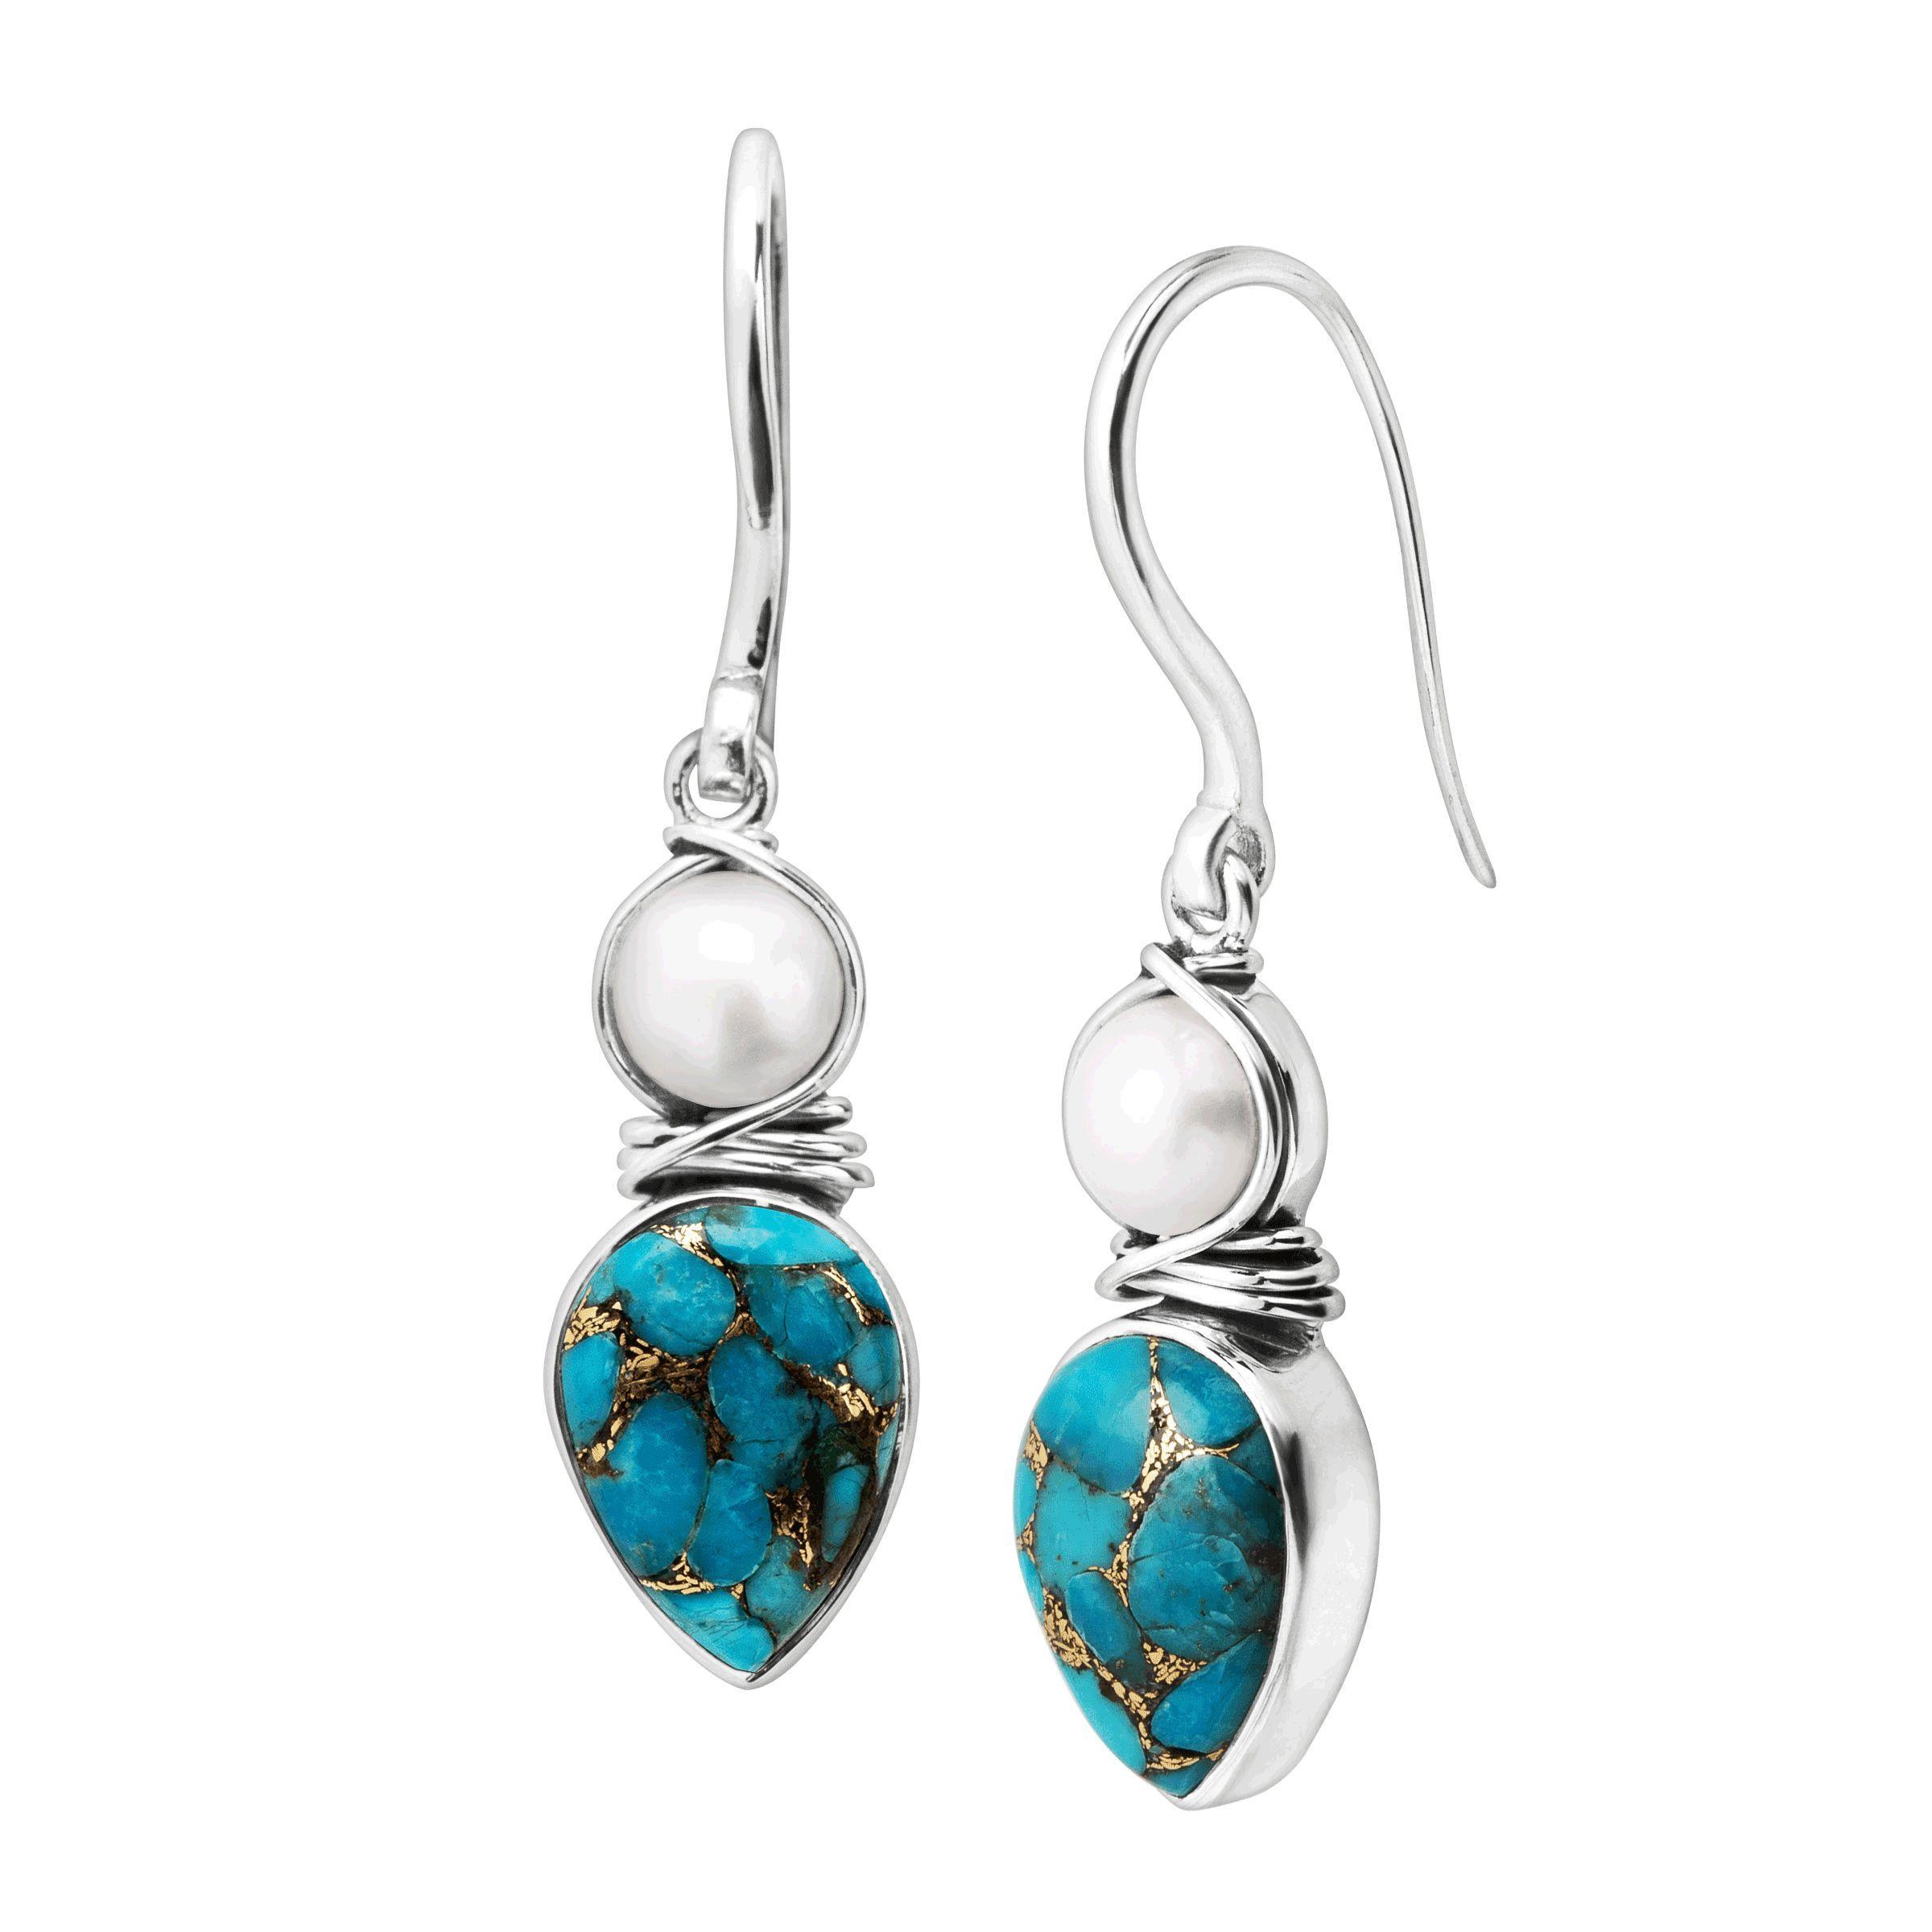 176b4f2577c Silpada  True Colors  Compressed Turquoise and Quartzite Drop ...